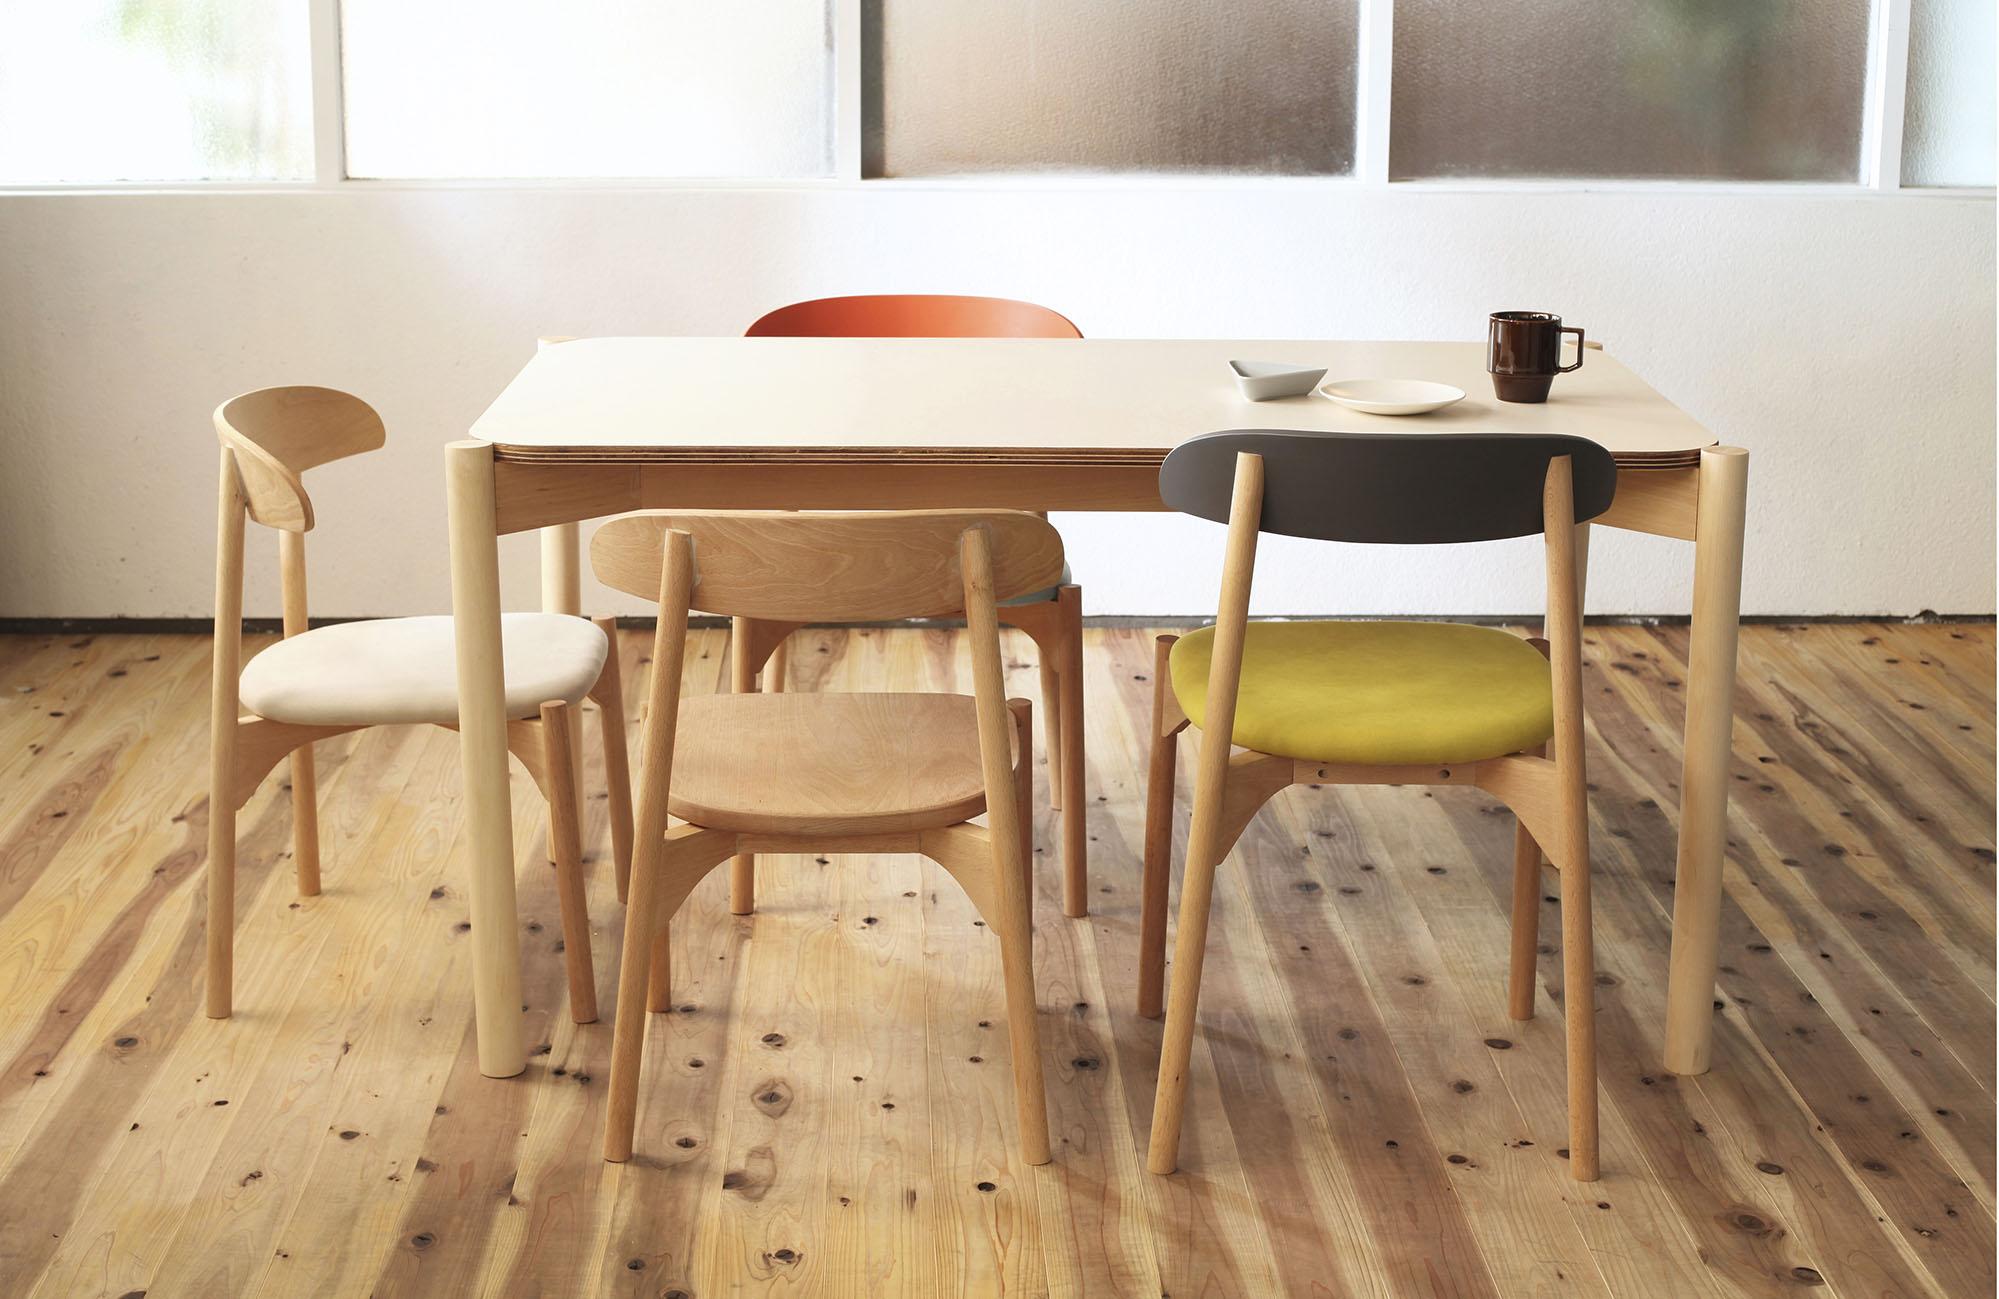 Bokuno Chairs by Yu Matsuda